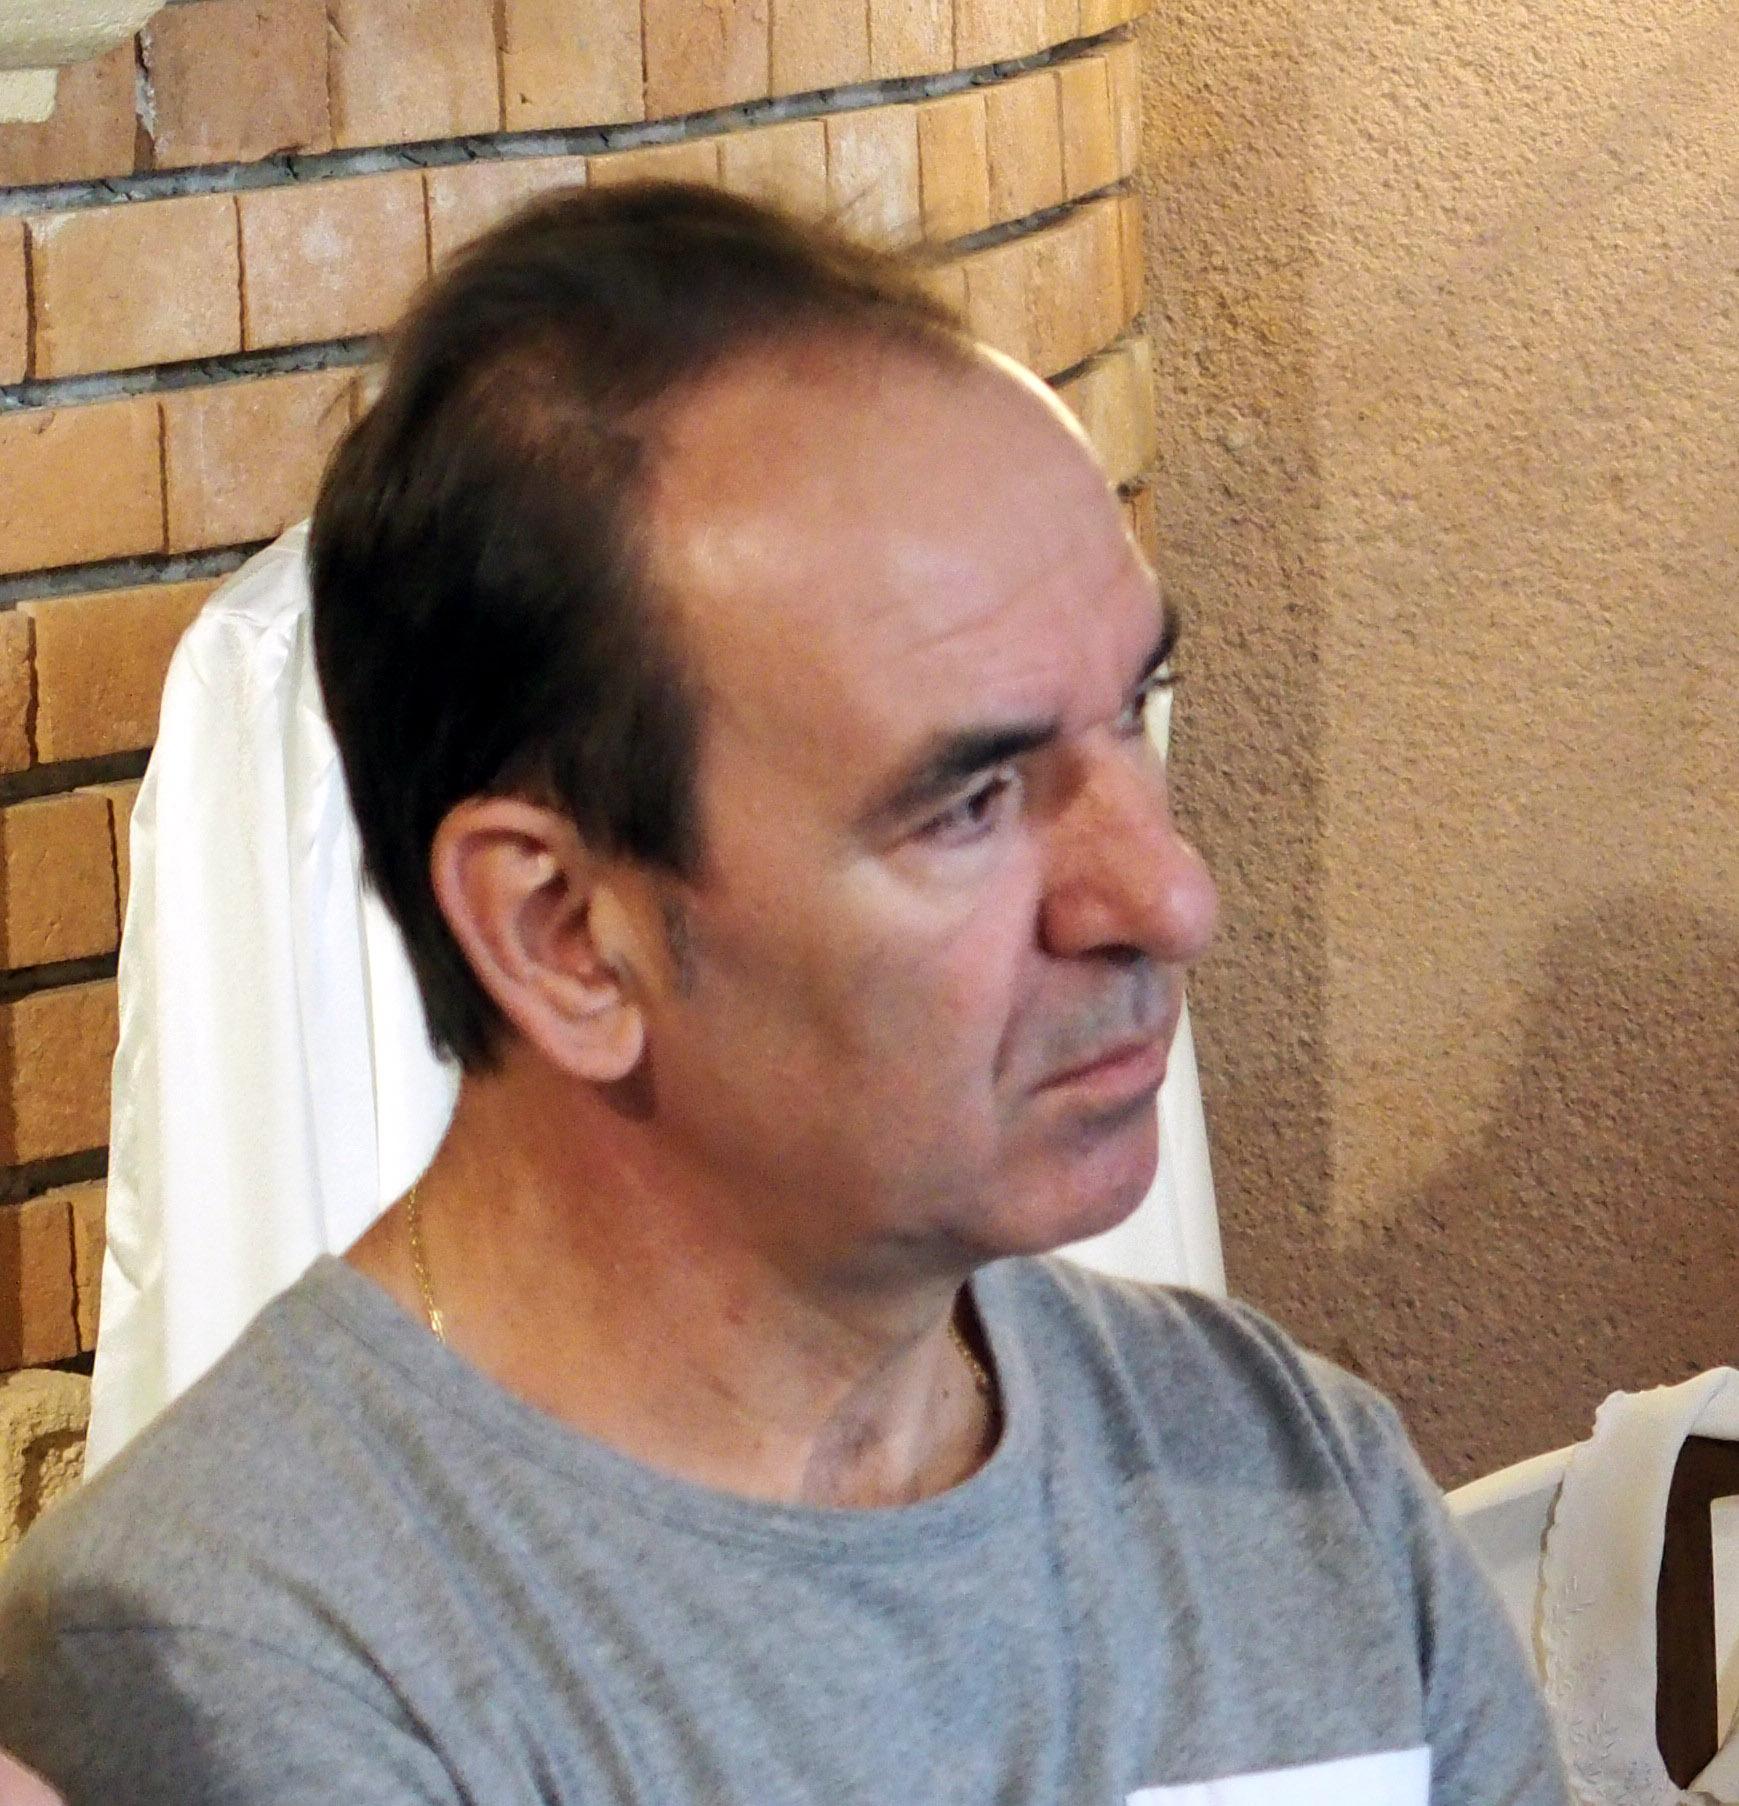 PASCAL PEYROT créateur du MUSEE ATELIER DE LA PHOTOGRAPHIE de BEAUTIRAN en GIRONDE